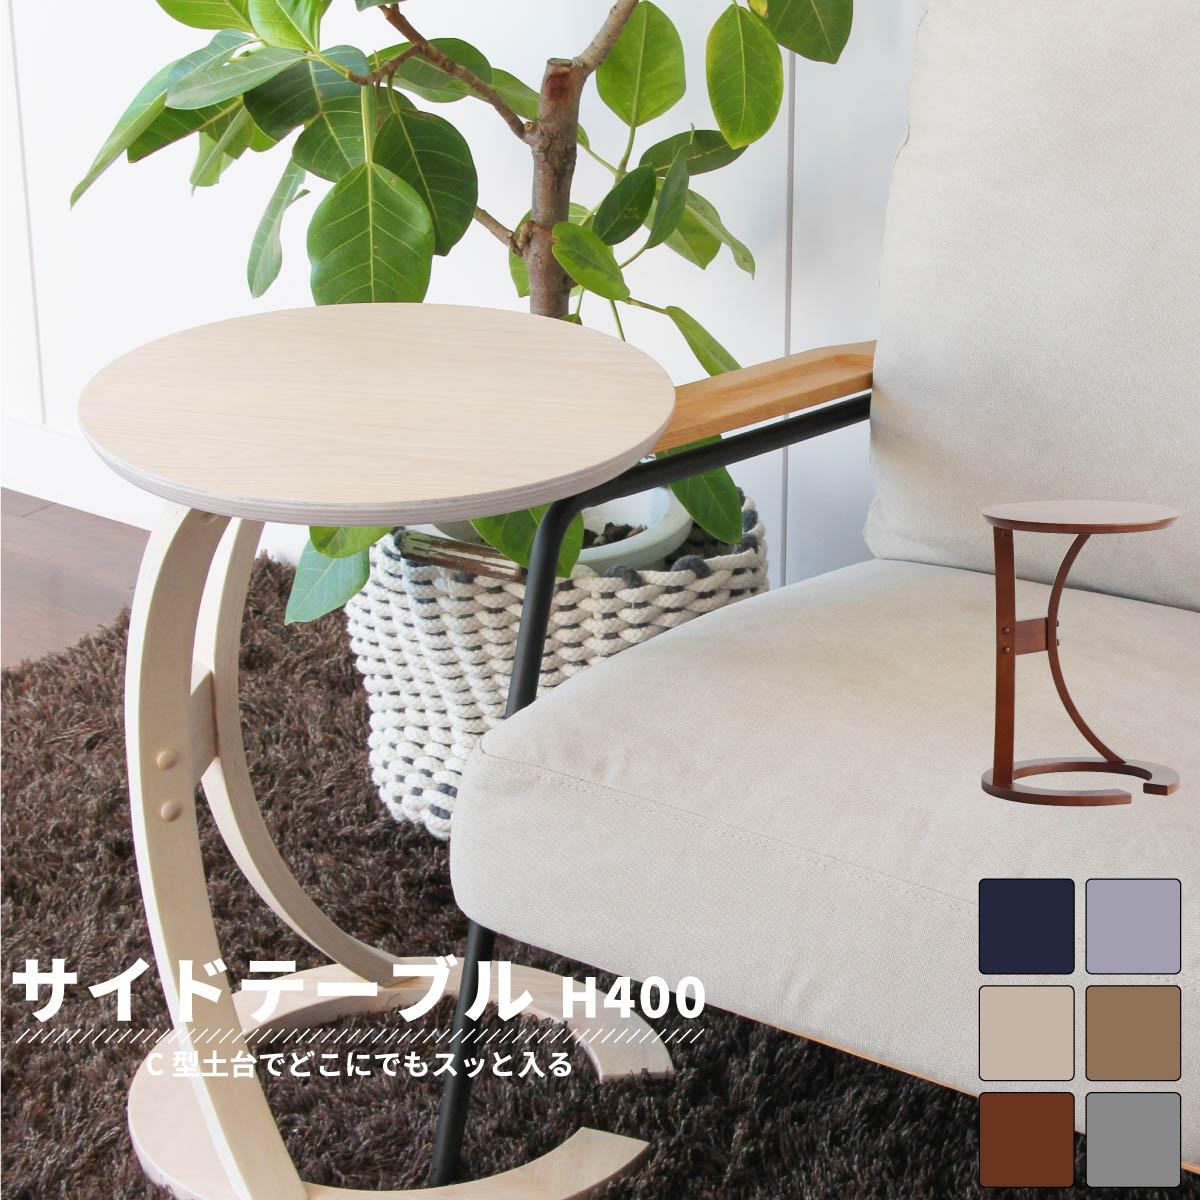 サイドテーブル ソファテーブル テーブル コンパクト 木製 おしゃれ ナイトテーブル 丸 白 北欧 在宅 テレワーク 作業台 コーヒーテーブル